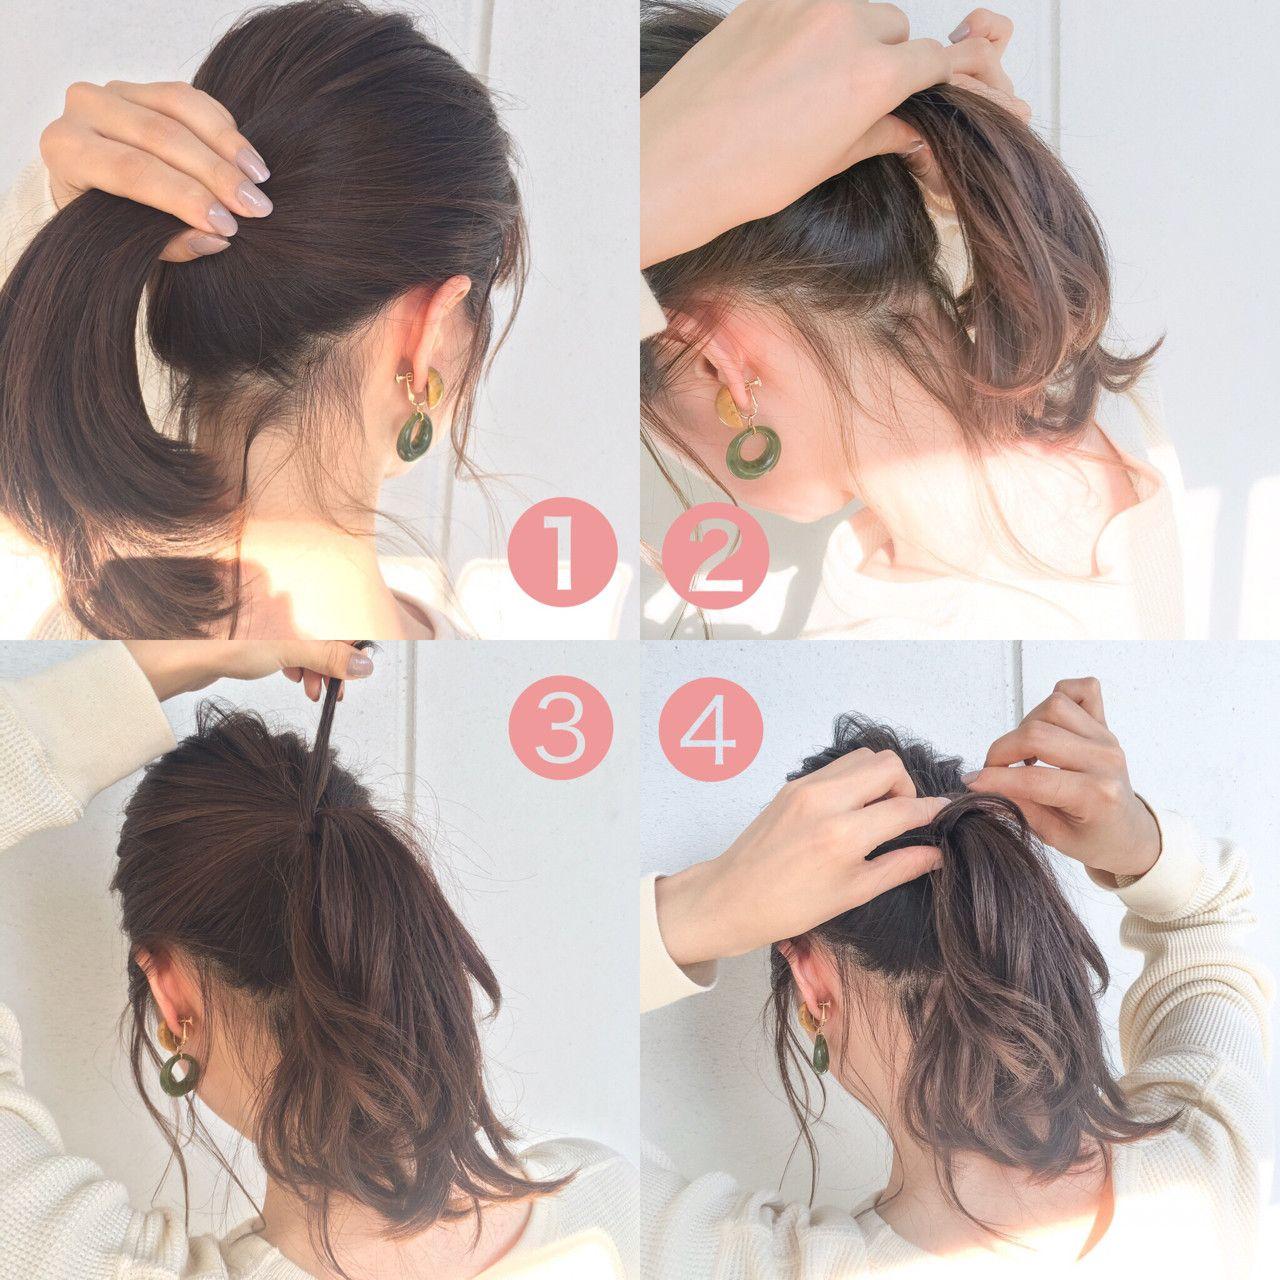 ざっくりとひとつに結ぶまでのプロセス 低めの位置で髪を一束に